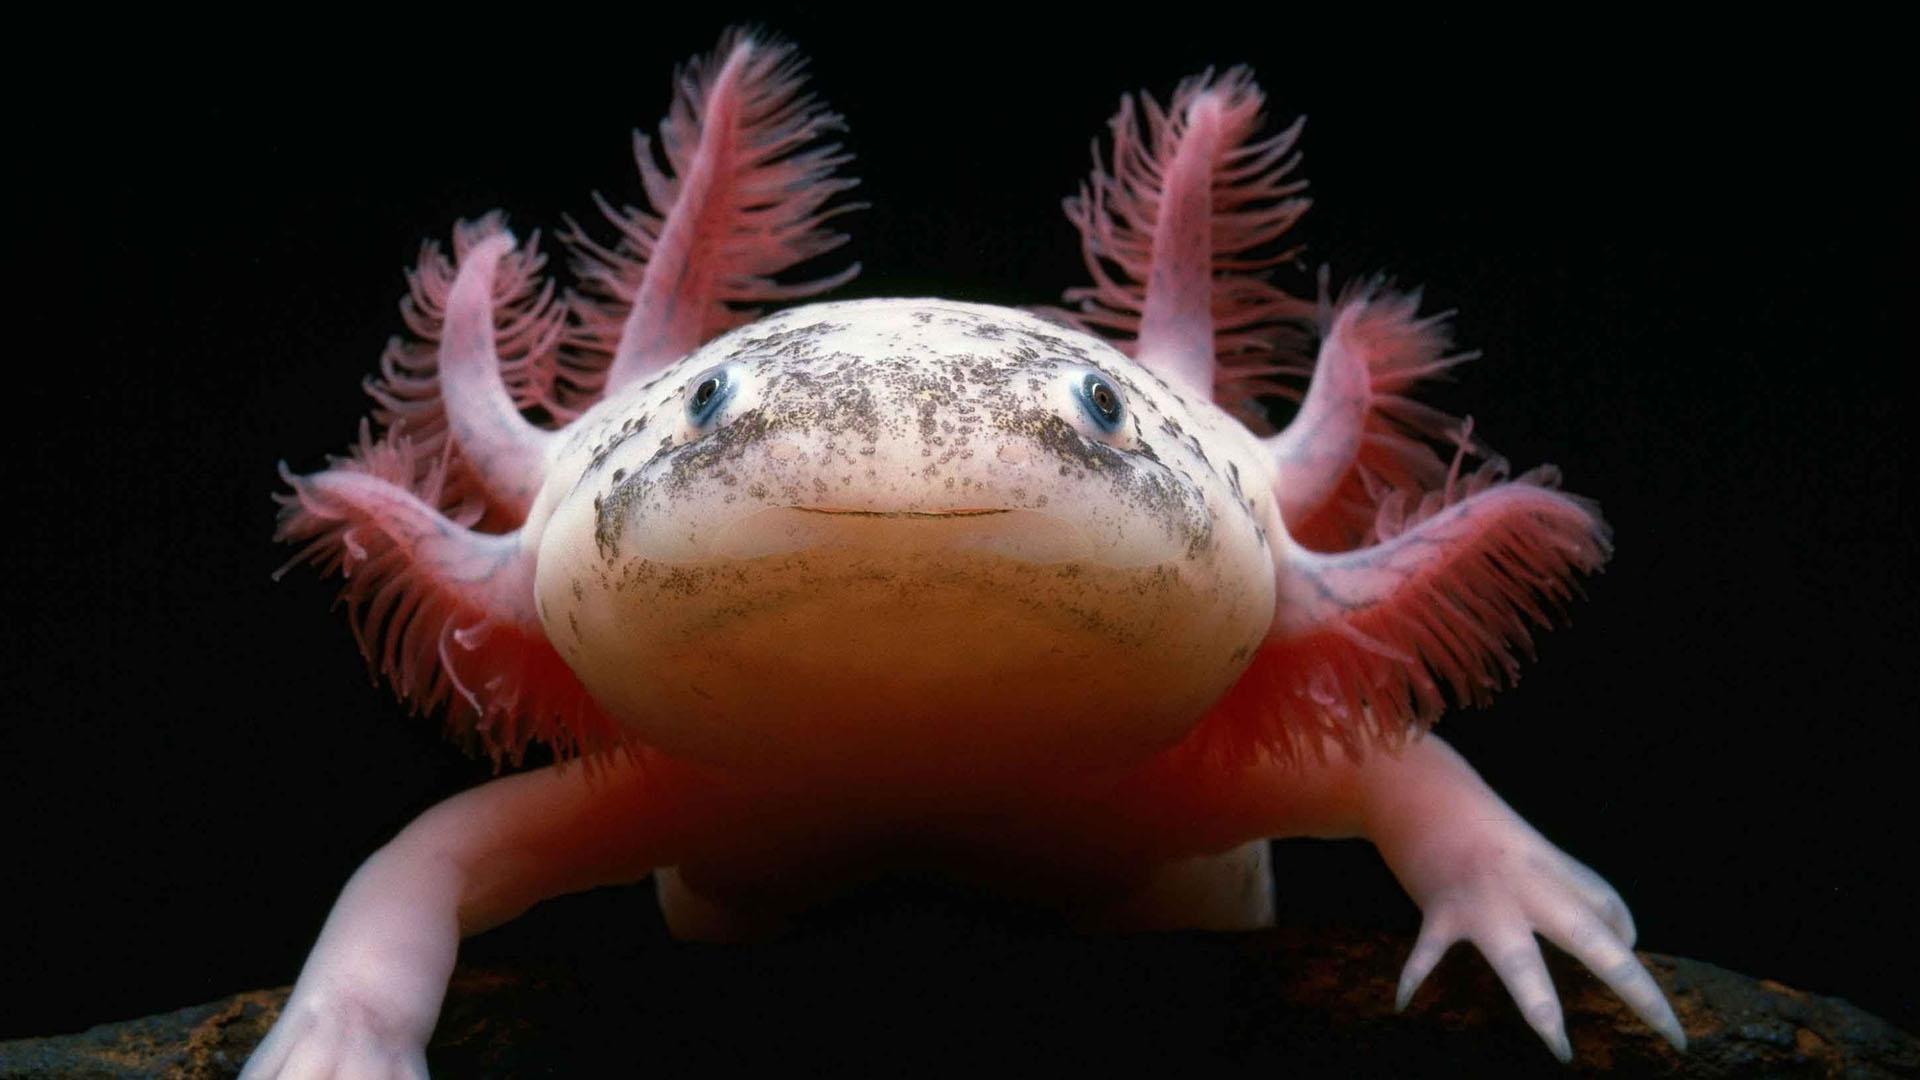 Aunque la verdadera especia es una salamandra albina, la comparación se hace porque anteriormente se creía que era la prueba de la existencia de dragones